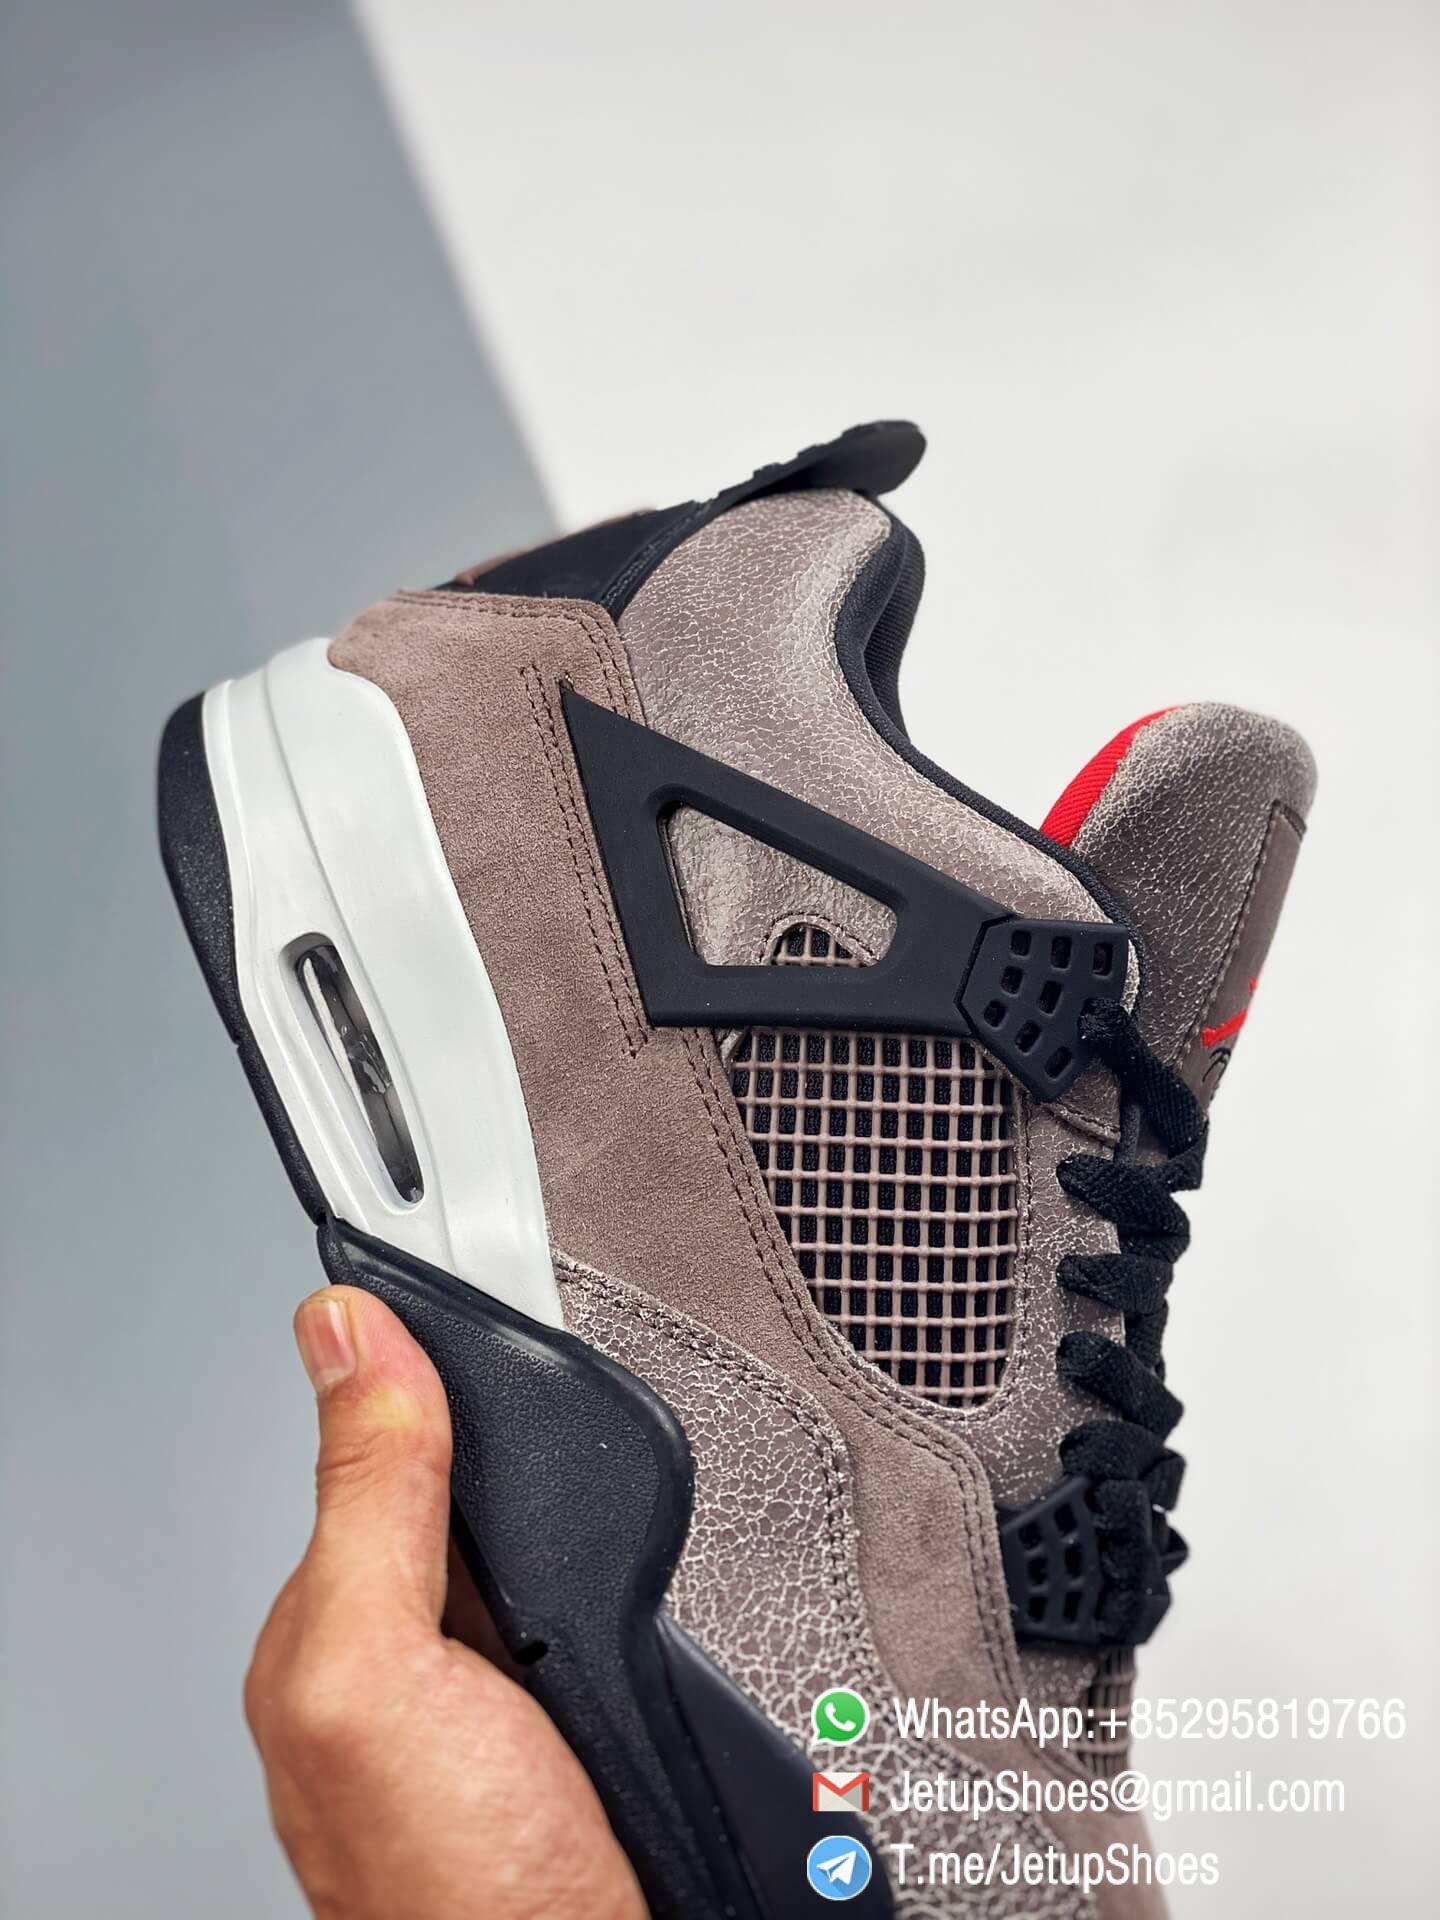 Repsneakers Air Jordan 4 Retro Taupe Haze DB0732 200 Best Replica Sneakers 07